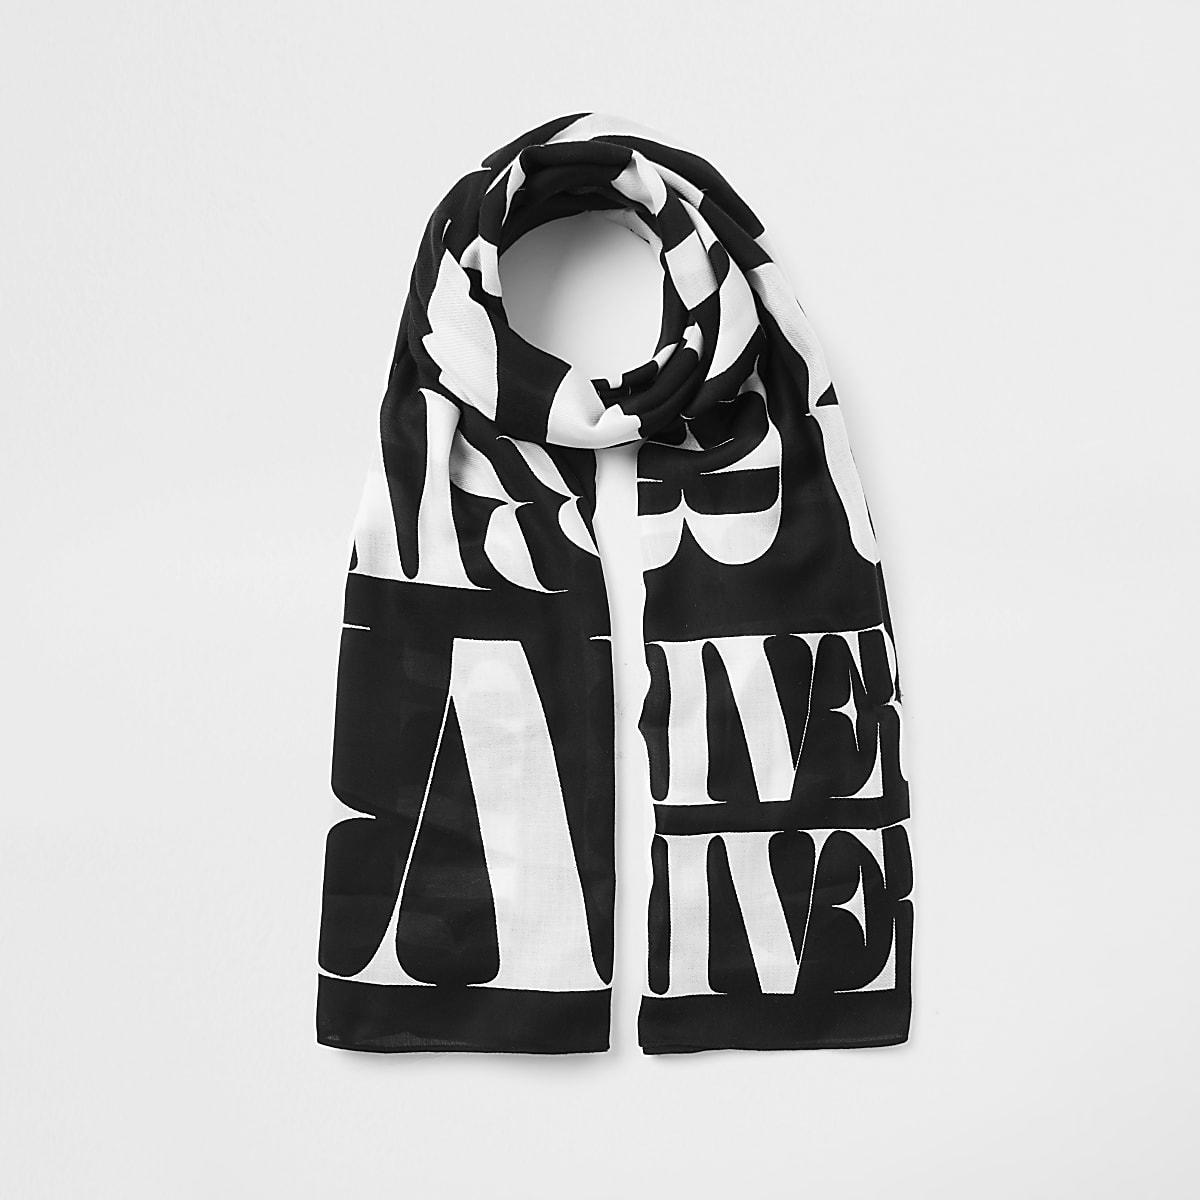 Zwart-witte sjaal met 'River'-print